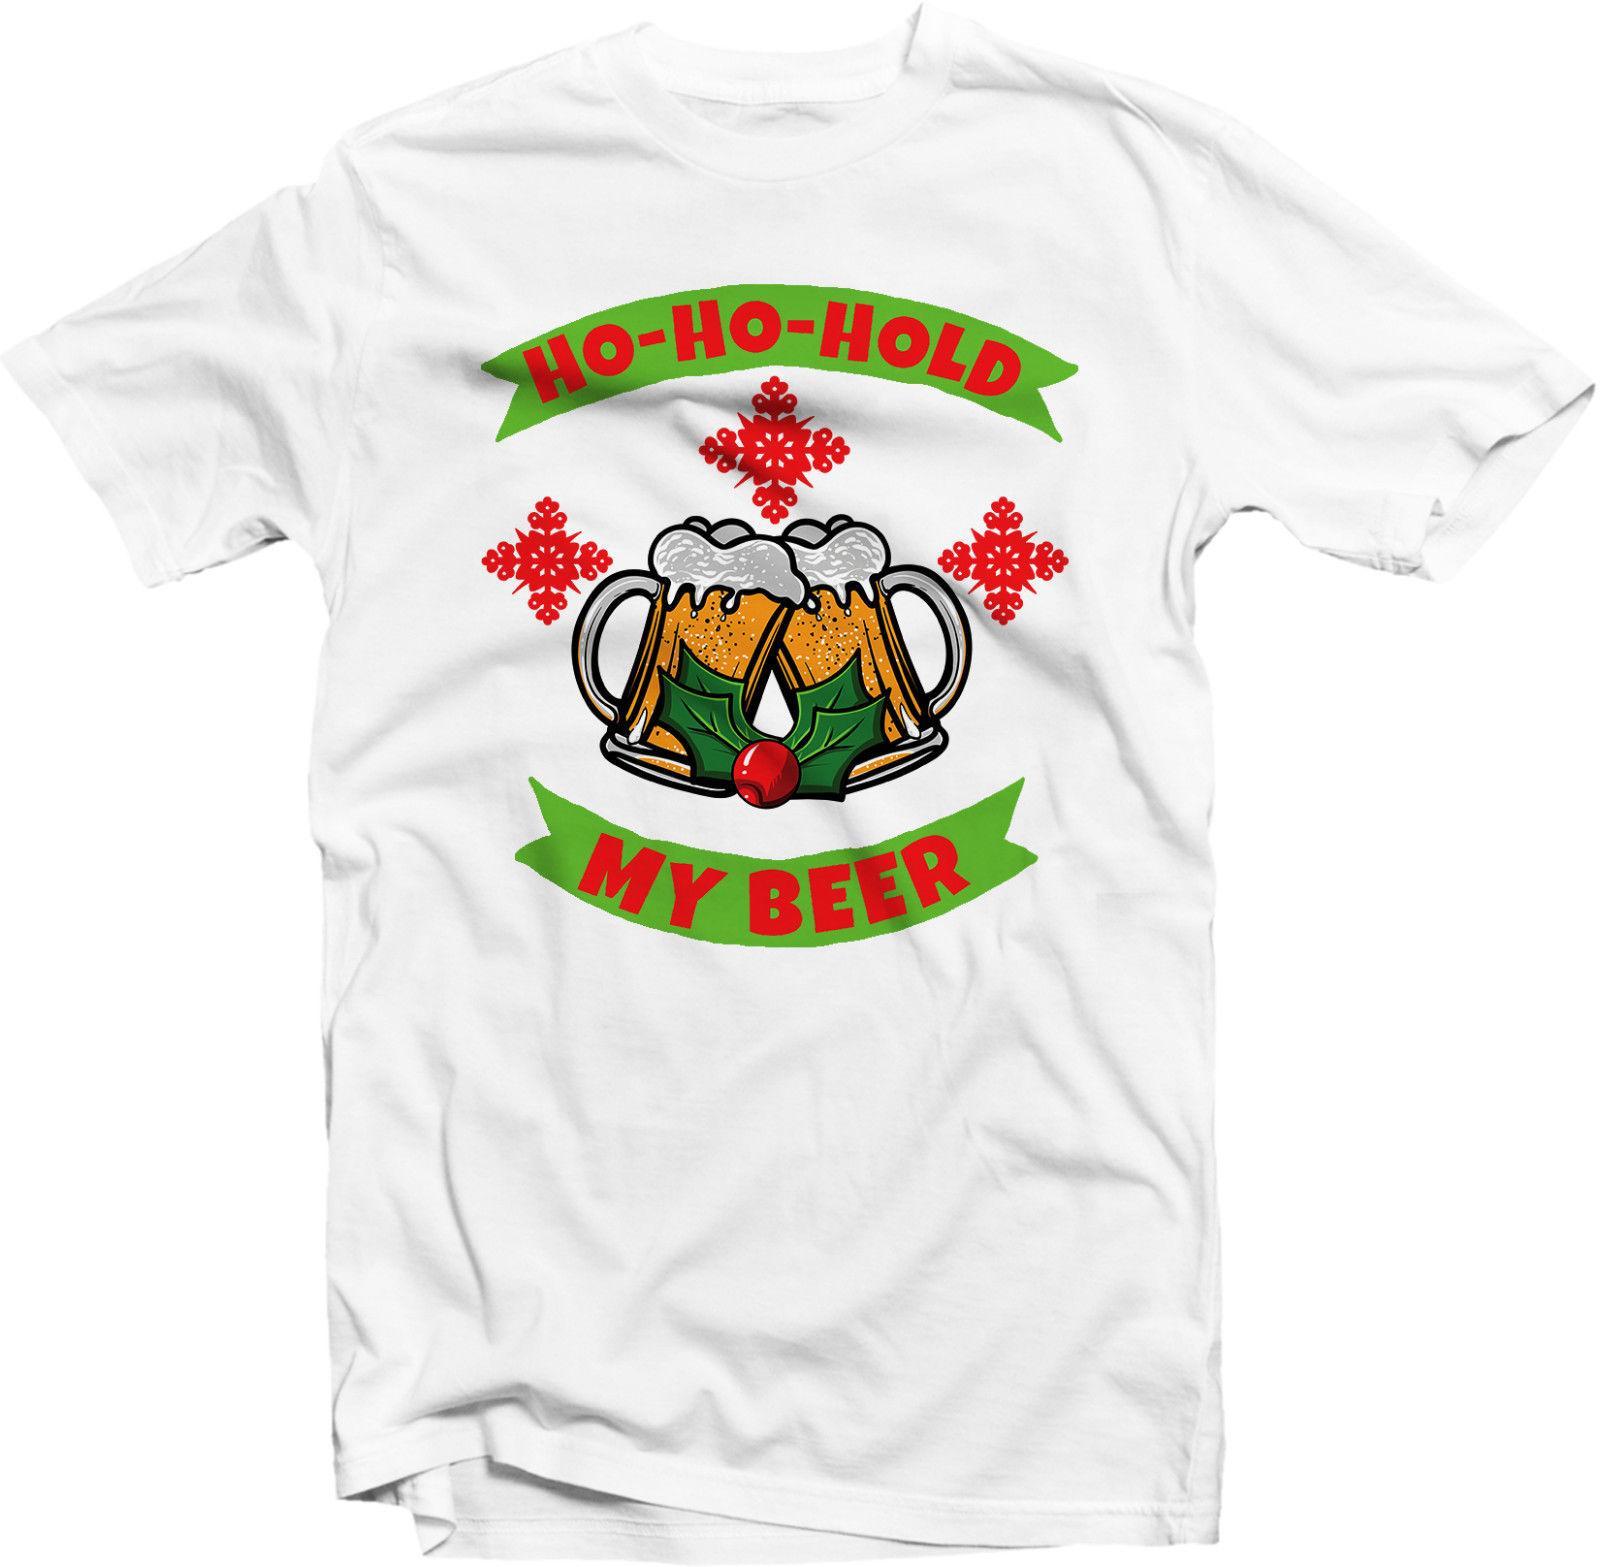 Ho Ho Ho Frohe Weihnachten.Frohe Weihnachten Ho Ho Halten Lustiges Geschenkgeschenk Spitzengrosse Discout Des Lustigen T Shirts Des Bieres Heisse Heisse Neue T Shirtoberseite